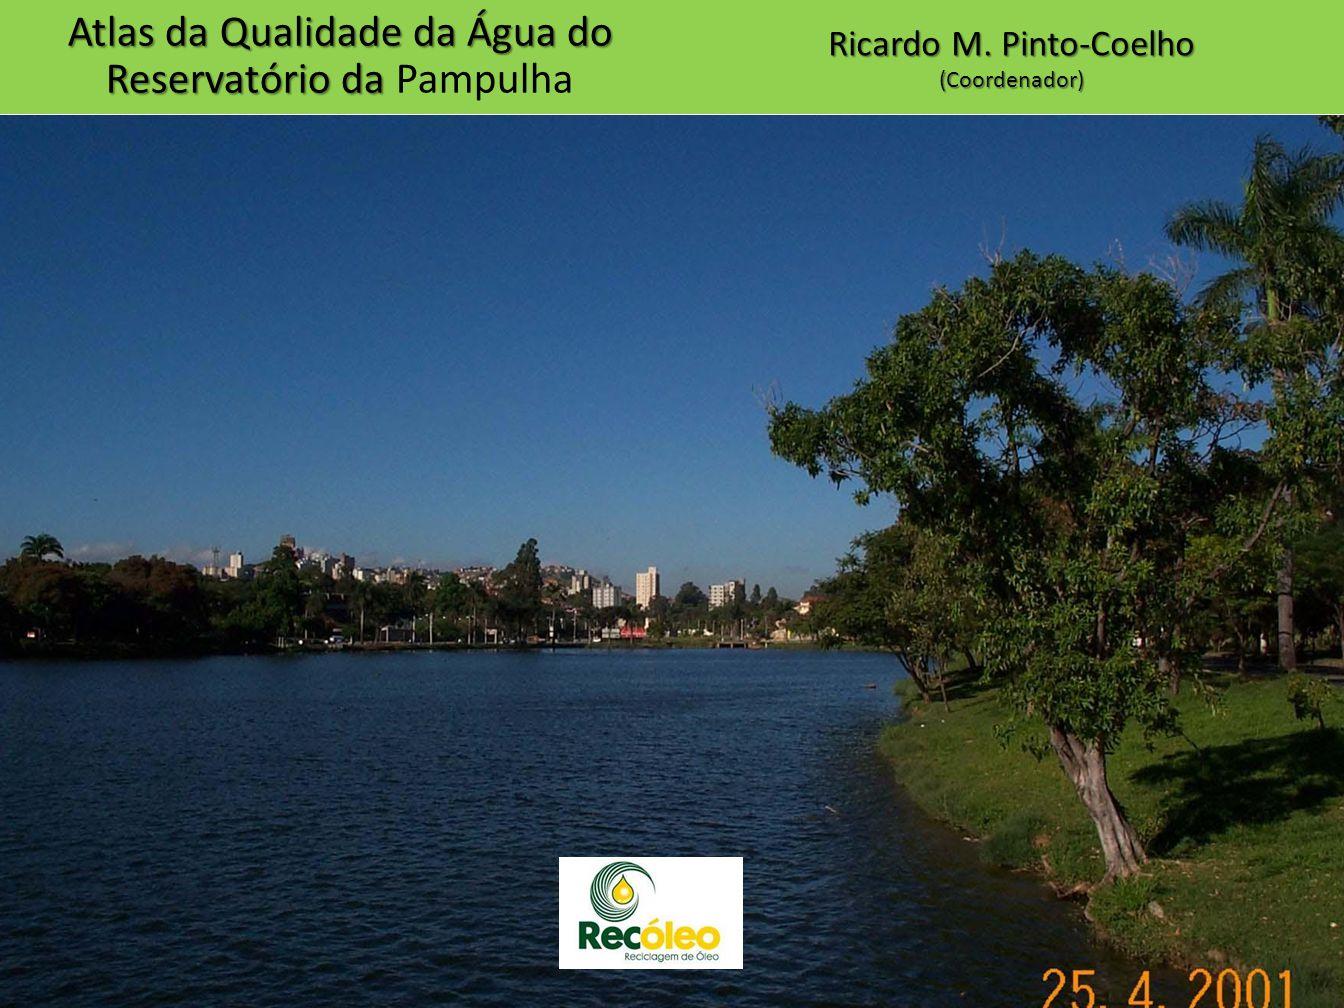 Ricardo M. Pinto-Coelho (Coordenador) Atlas da Qualidade da Água do Reservatório da Atlas da Qualidade da Água do Reservatório da Pampulha